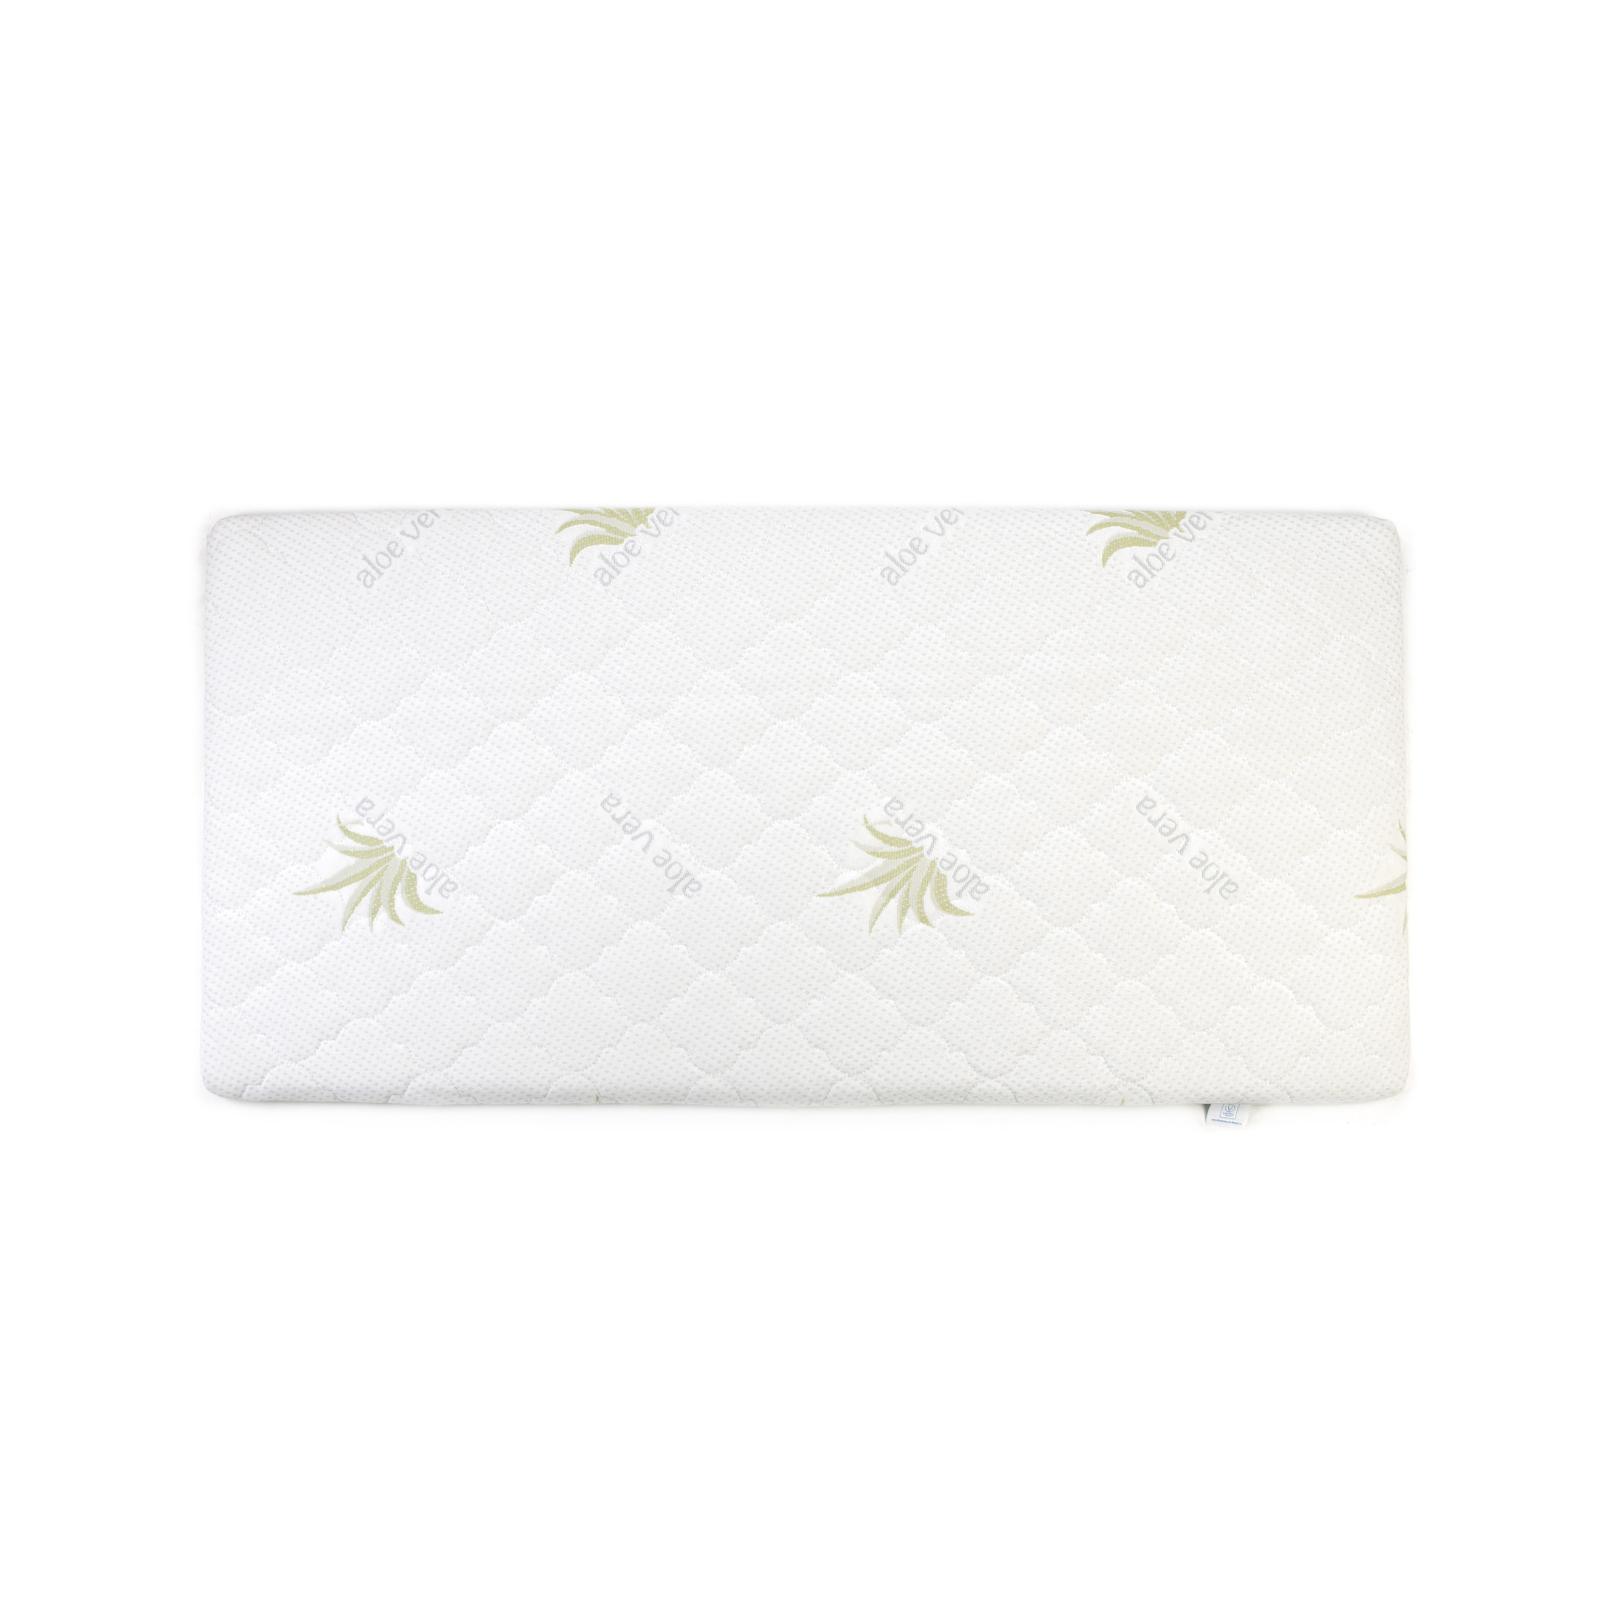 Матрас для детской кроватки Верес Latex+Aloe Vera 120*60*3,5 см (топпер) (54.1.03) изображение 3